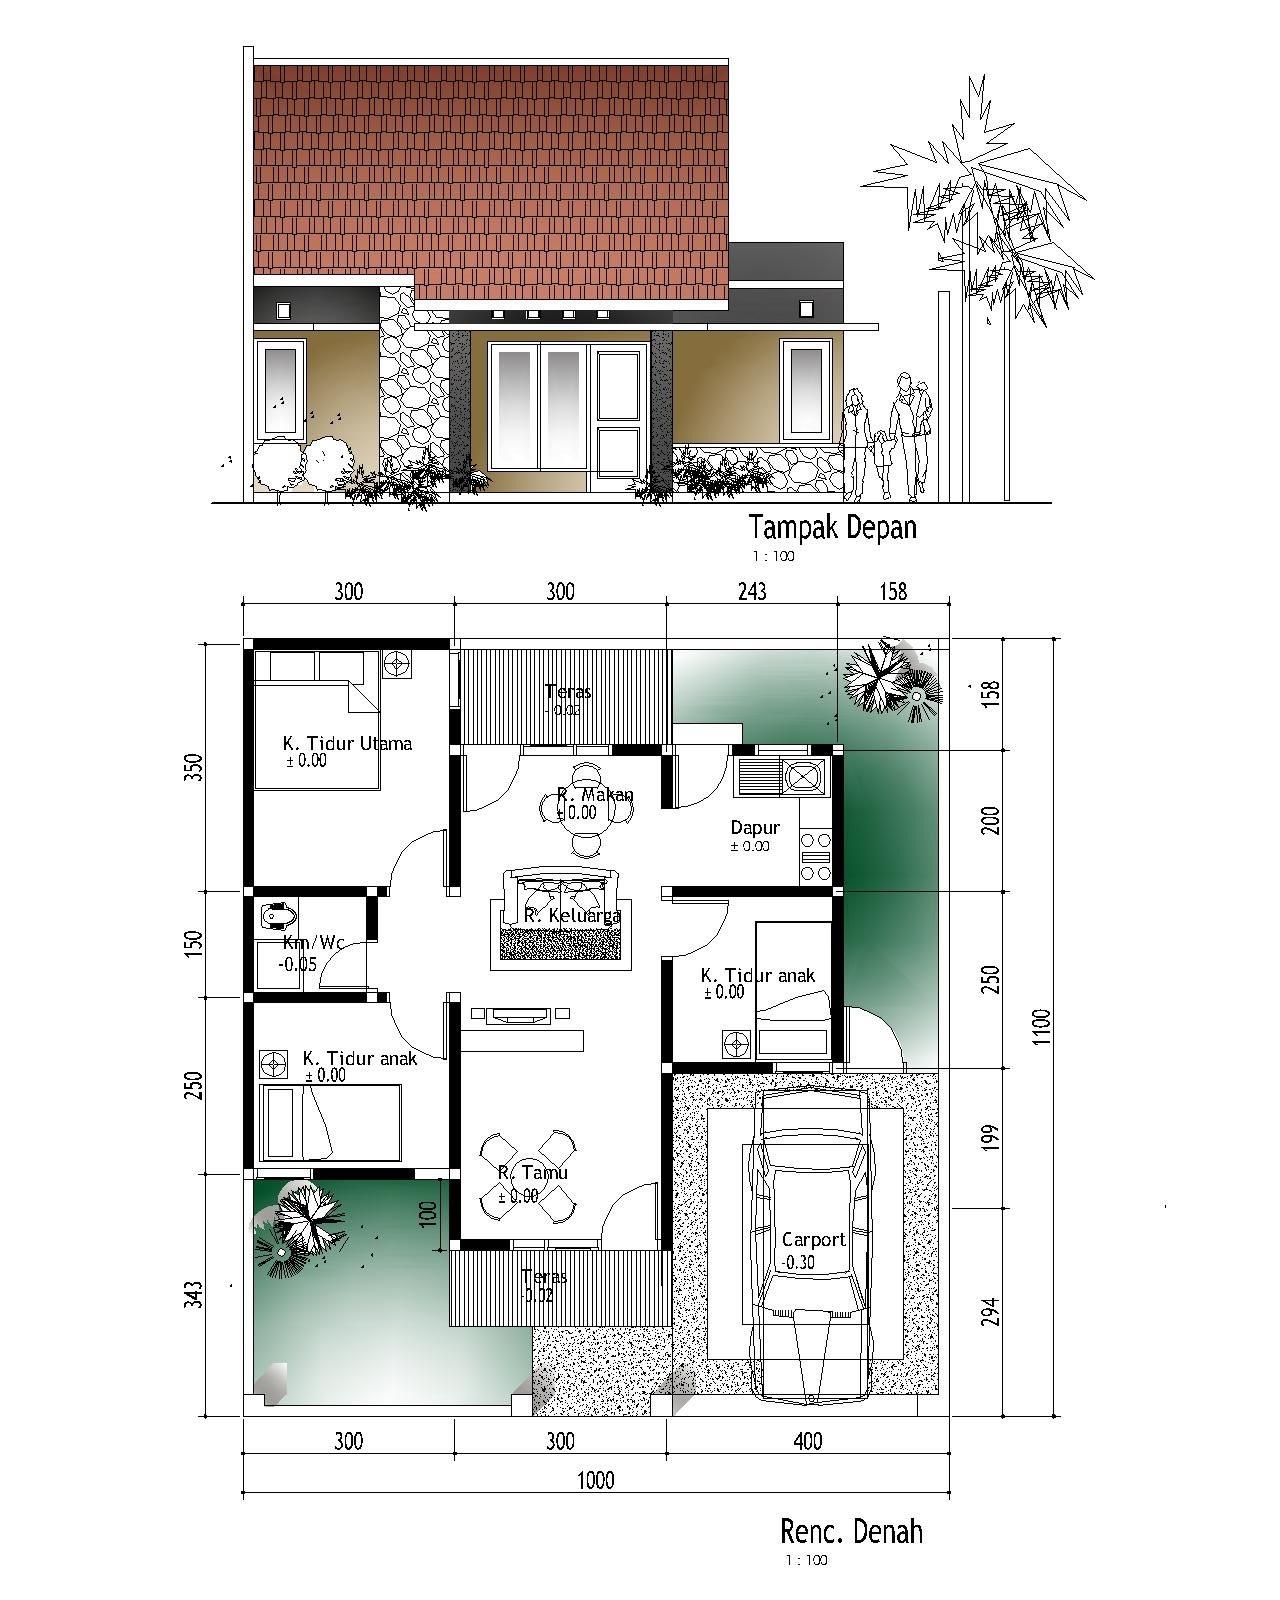 Rumah Minimalis 1 Lantai 3 Kamar Tidur Dan Garasi Desain Rumah Minimalis